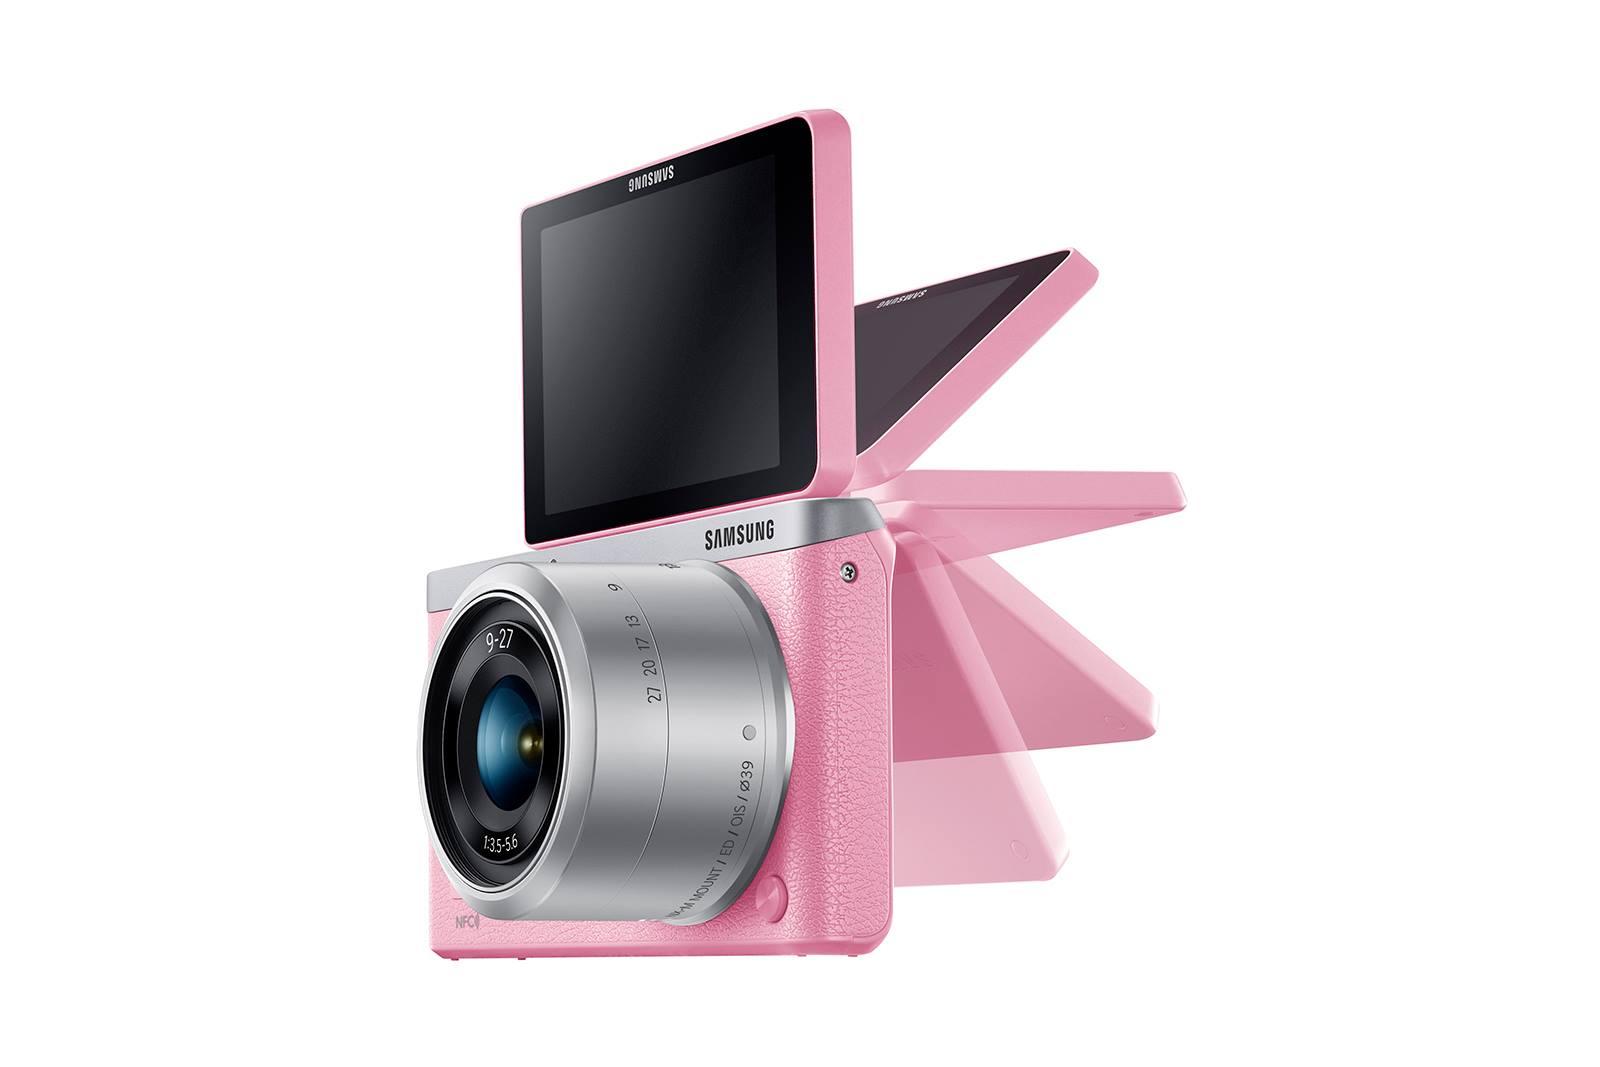 Samsung NX mini SMART camera announced